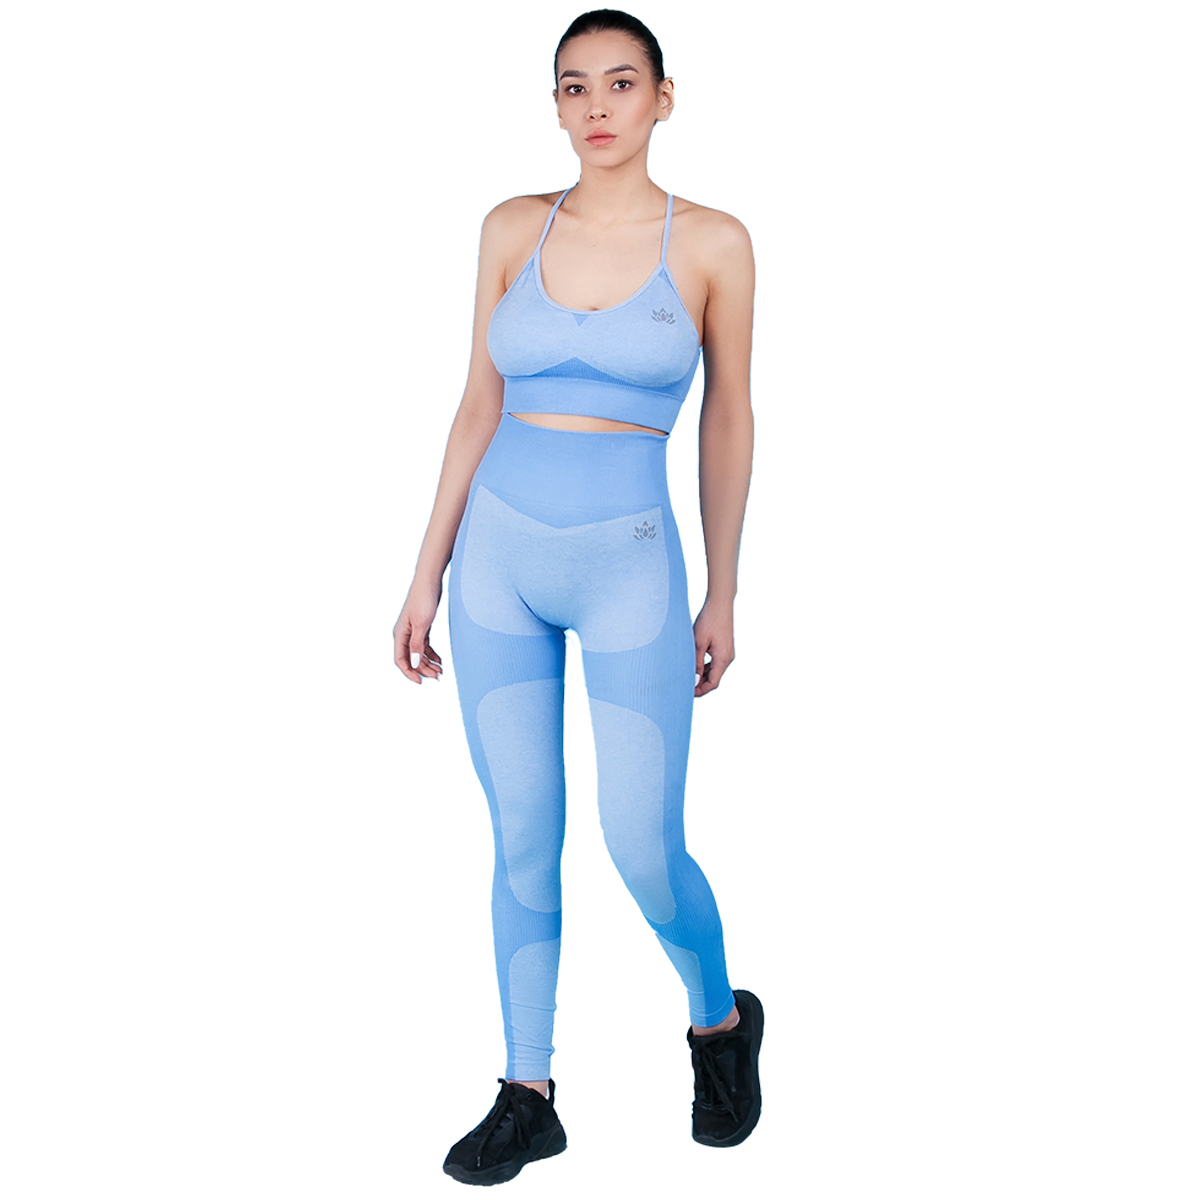 Спортивный костюм Atlanterra AT-SET1-03, голубой, S INT